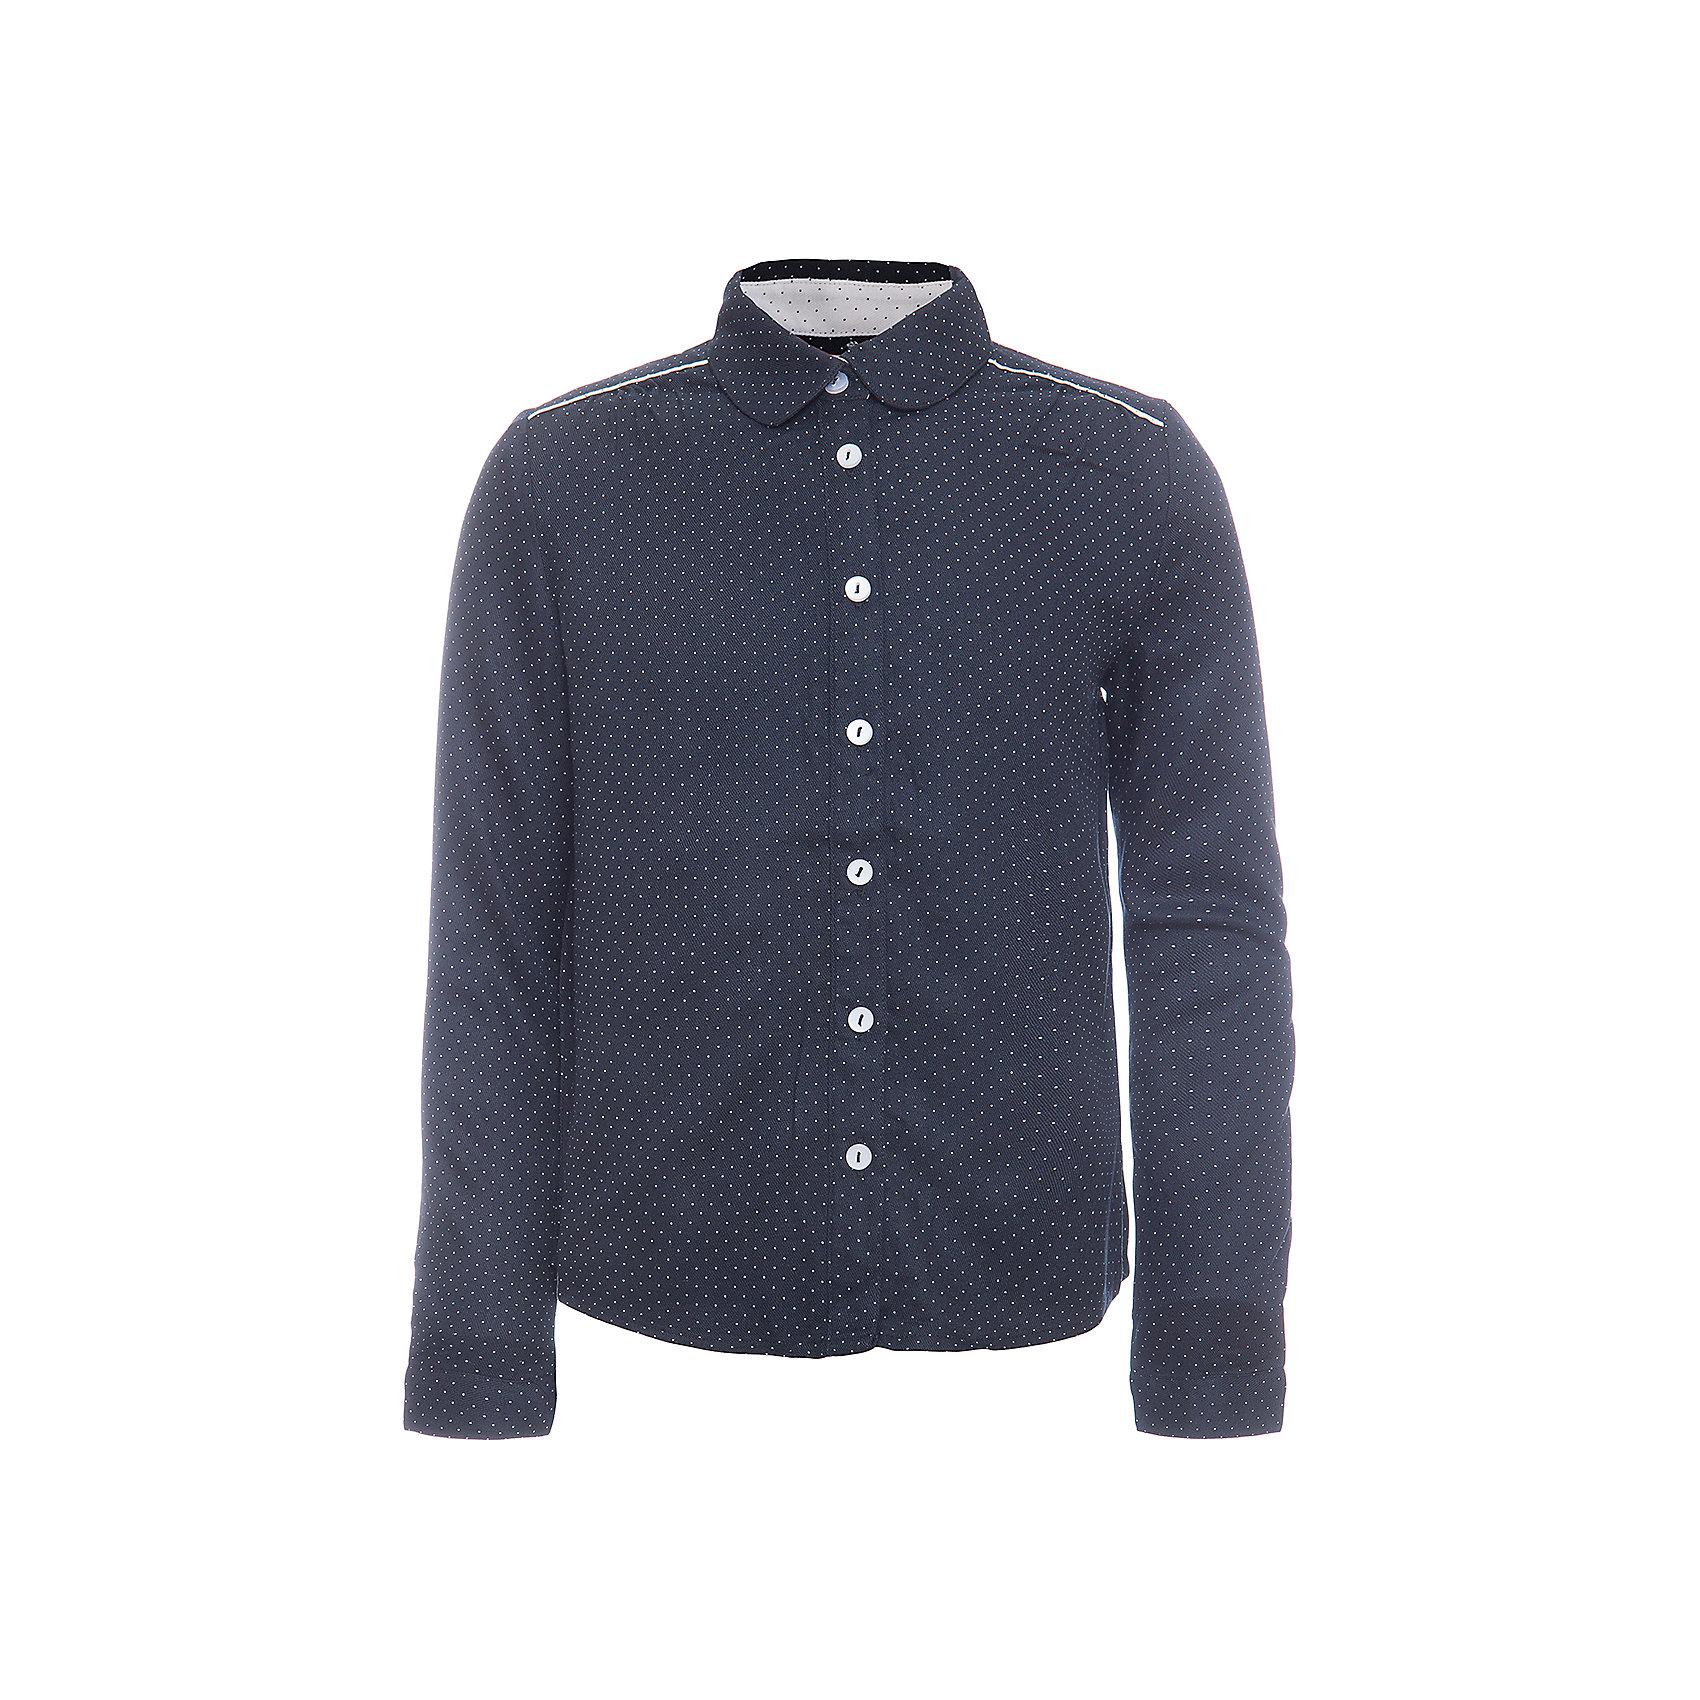 Блузка SELA для девочкиБлузки и рубашки<br>Характеристики товара:<br><br>• цвет: темно-синий;<br>• состав: 100% вискоза;<br>• сезон: демисезон;<br>• особенности: школьная, в горошек, повседневная;<br>• свободный крой;<br>• застежка: пуговицы;<br>• манжеты на пуговице;<br>• рукав: длинный;<br>• страна бренда: Россия;<br>• страна изготовитель: Китай.<br><br>Блузка с длинным рукавом для девочки. Школьная блузка астегивается на пуговицы, манжеты на одной пуговице. Синяя блузка в мелкий горошек.<br><br>Блузку Sela (Села) для девочки можно купить в нашем интернет-магазине.<br><br>Ширина мм: 186<br>Глубина мм: 87<br>Высота мм: 198<br>Вес г: 197<br>Цвет: темно-синий<br>Возраст от месяцев: 84<br>Возраст до месяцев: 96<br>Пол: Женский<br>Возраст: Детский<br>Размер: 134,164,122,140,146,152,128<br>SKU: 7009477